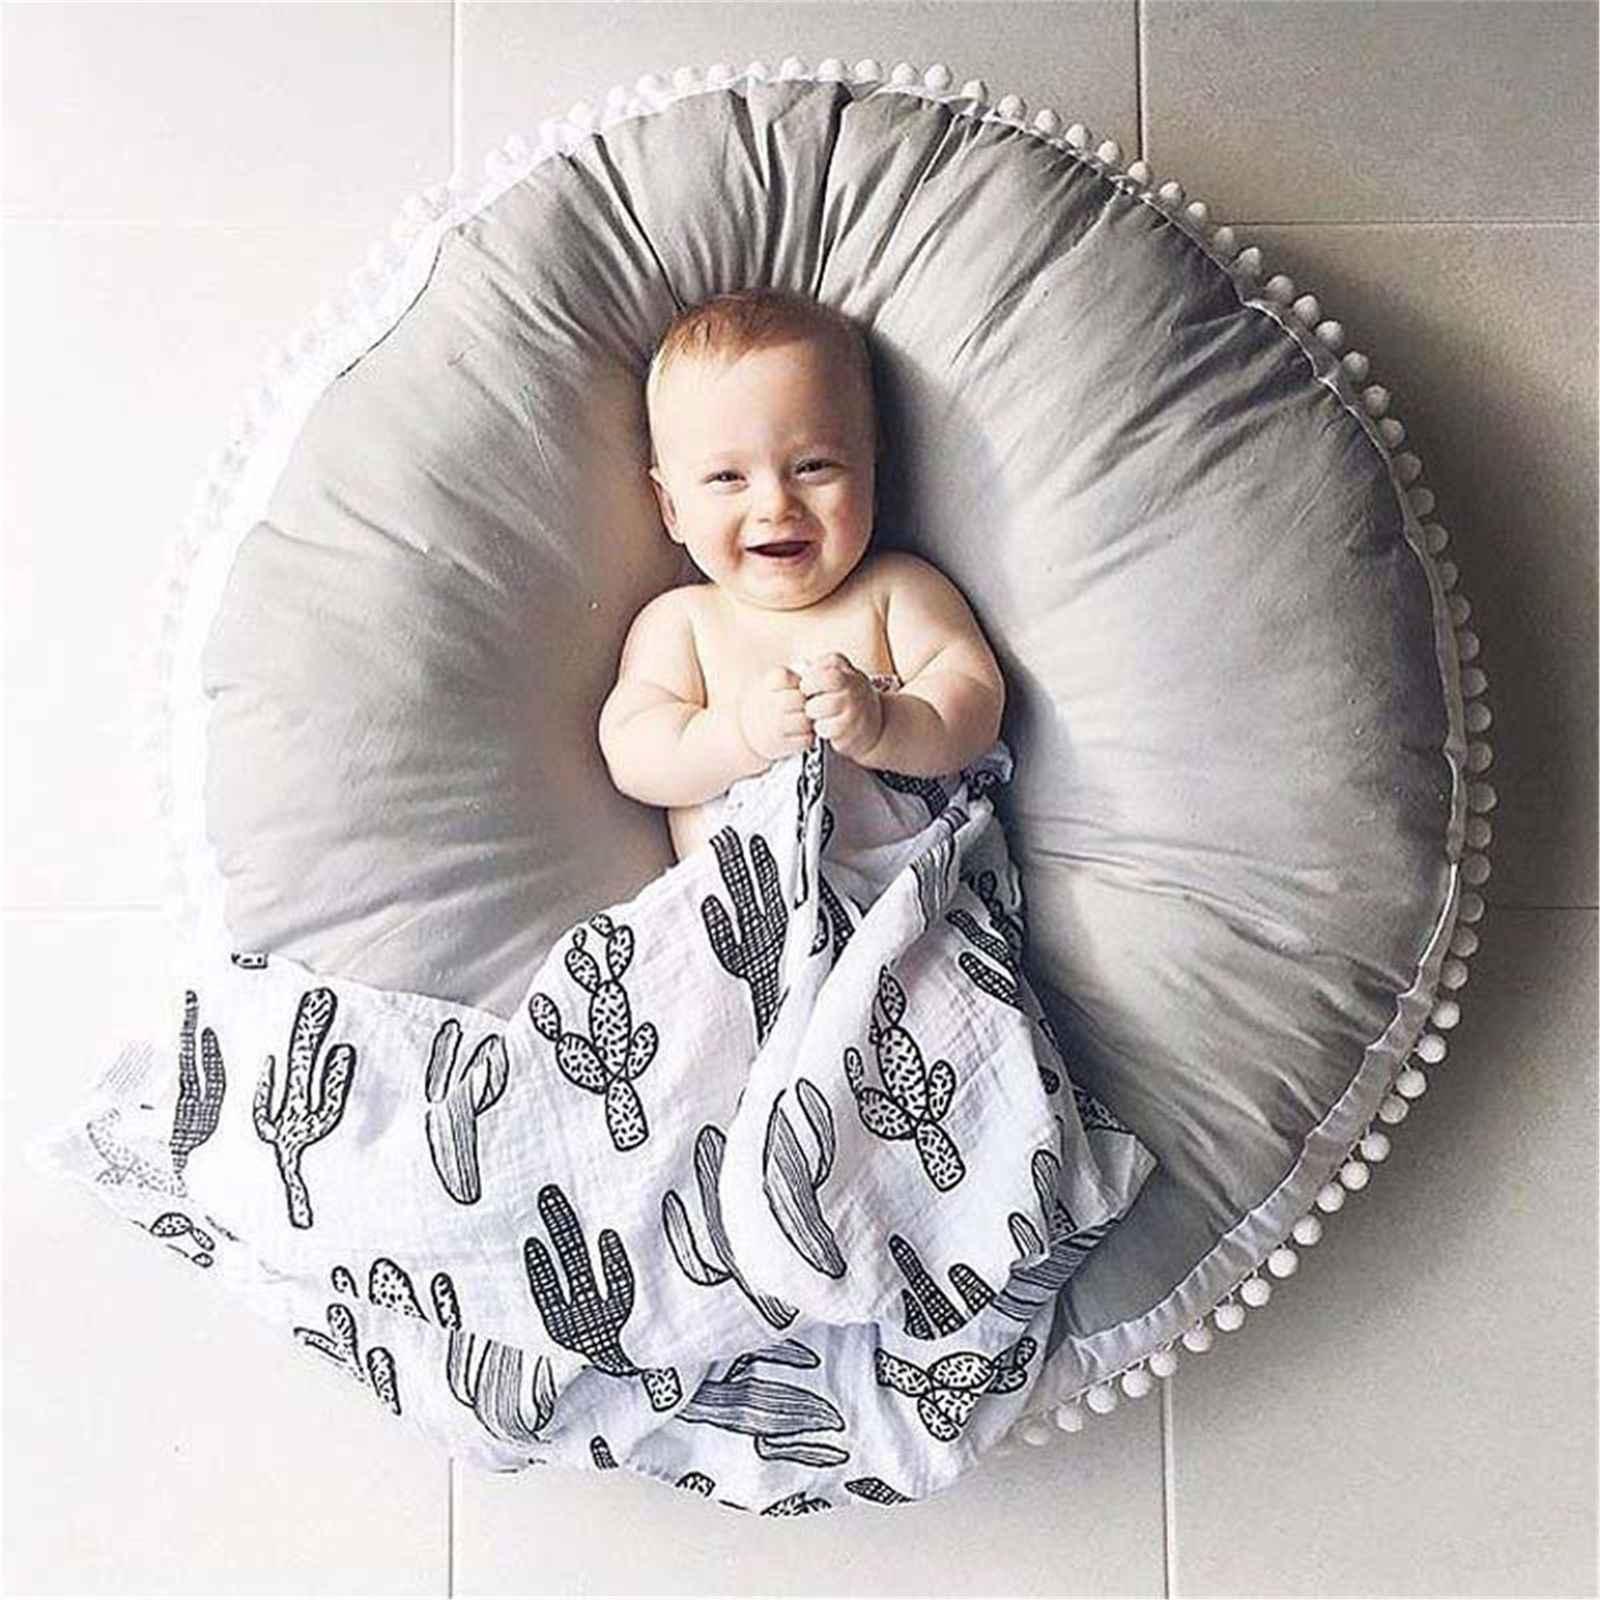 2019 cadeira do saco de feijão Do Bebê Algodão Rodada Esteiras Rastejando Pad Esteira do Jogo Para Casa Crianças Decoração do Quarto Dos Miúdos 90*90 cm Amarelo Cinza